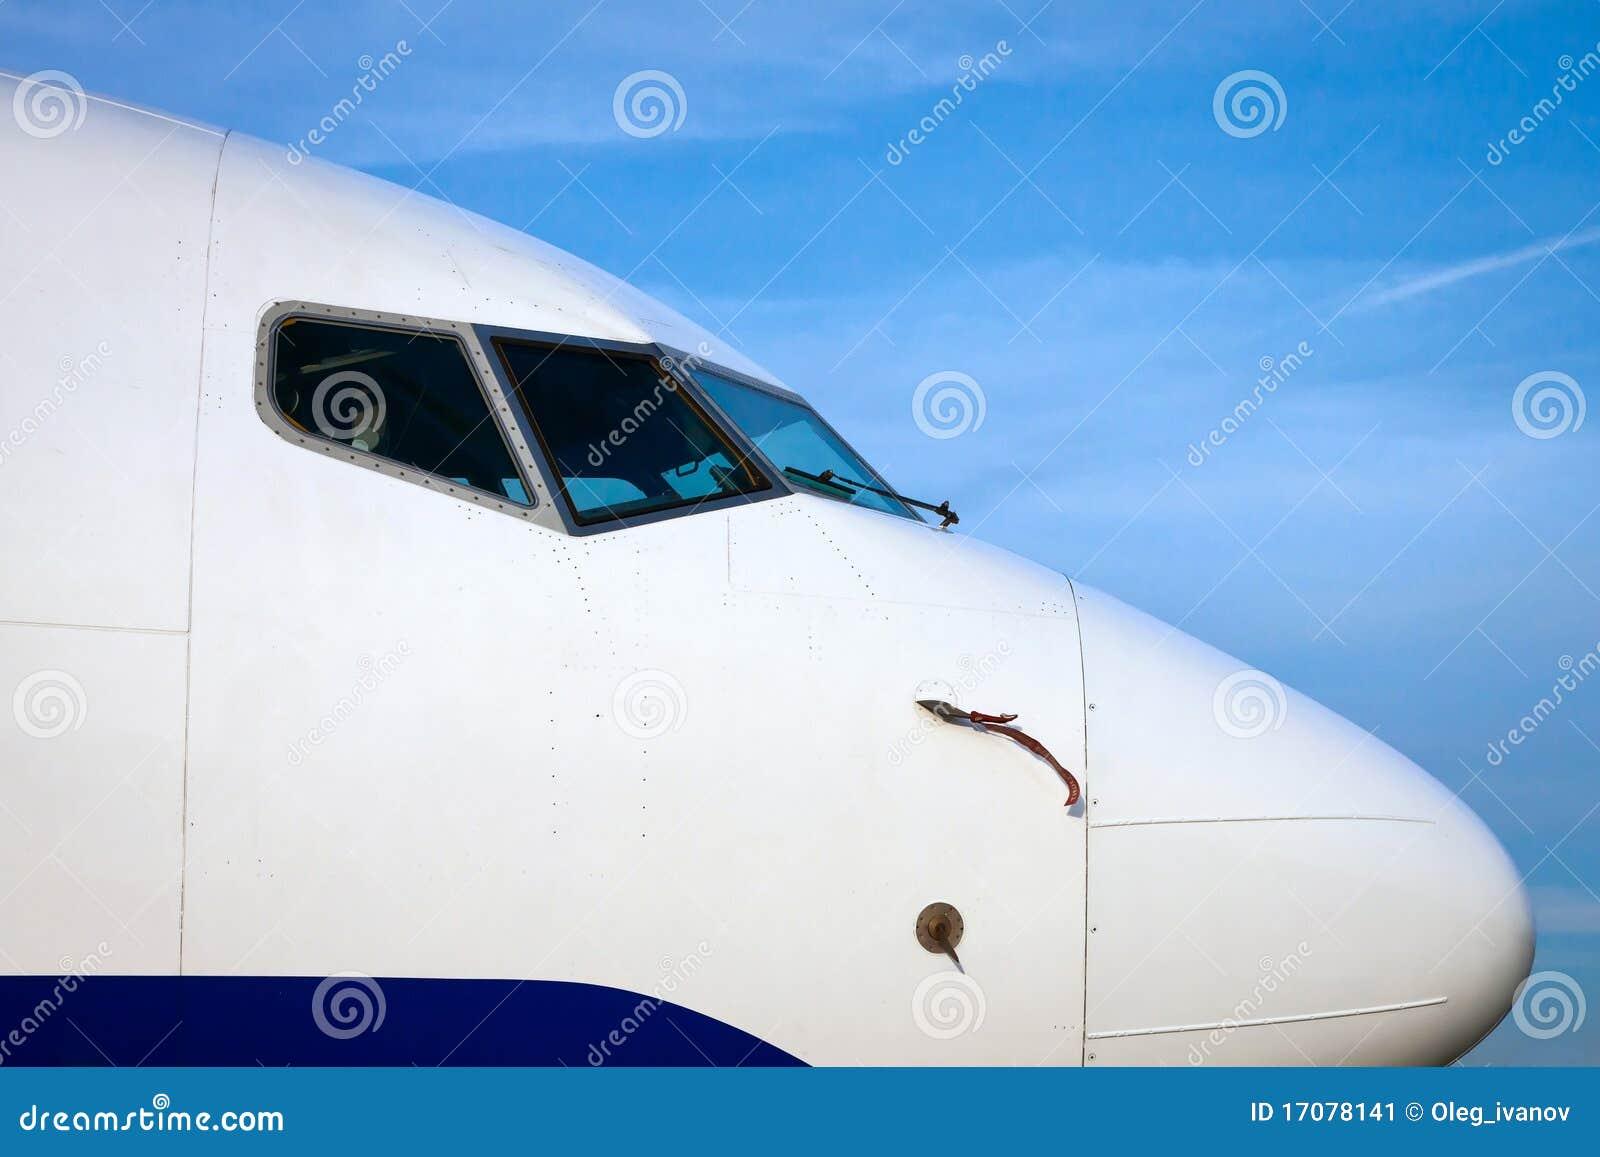 Wekzeugspritze eines Flugzeuges